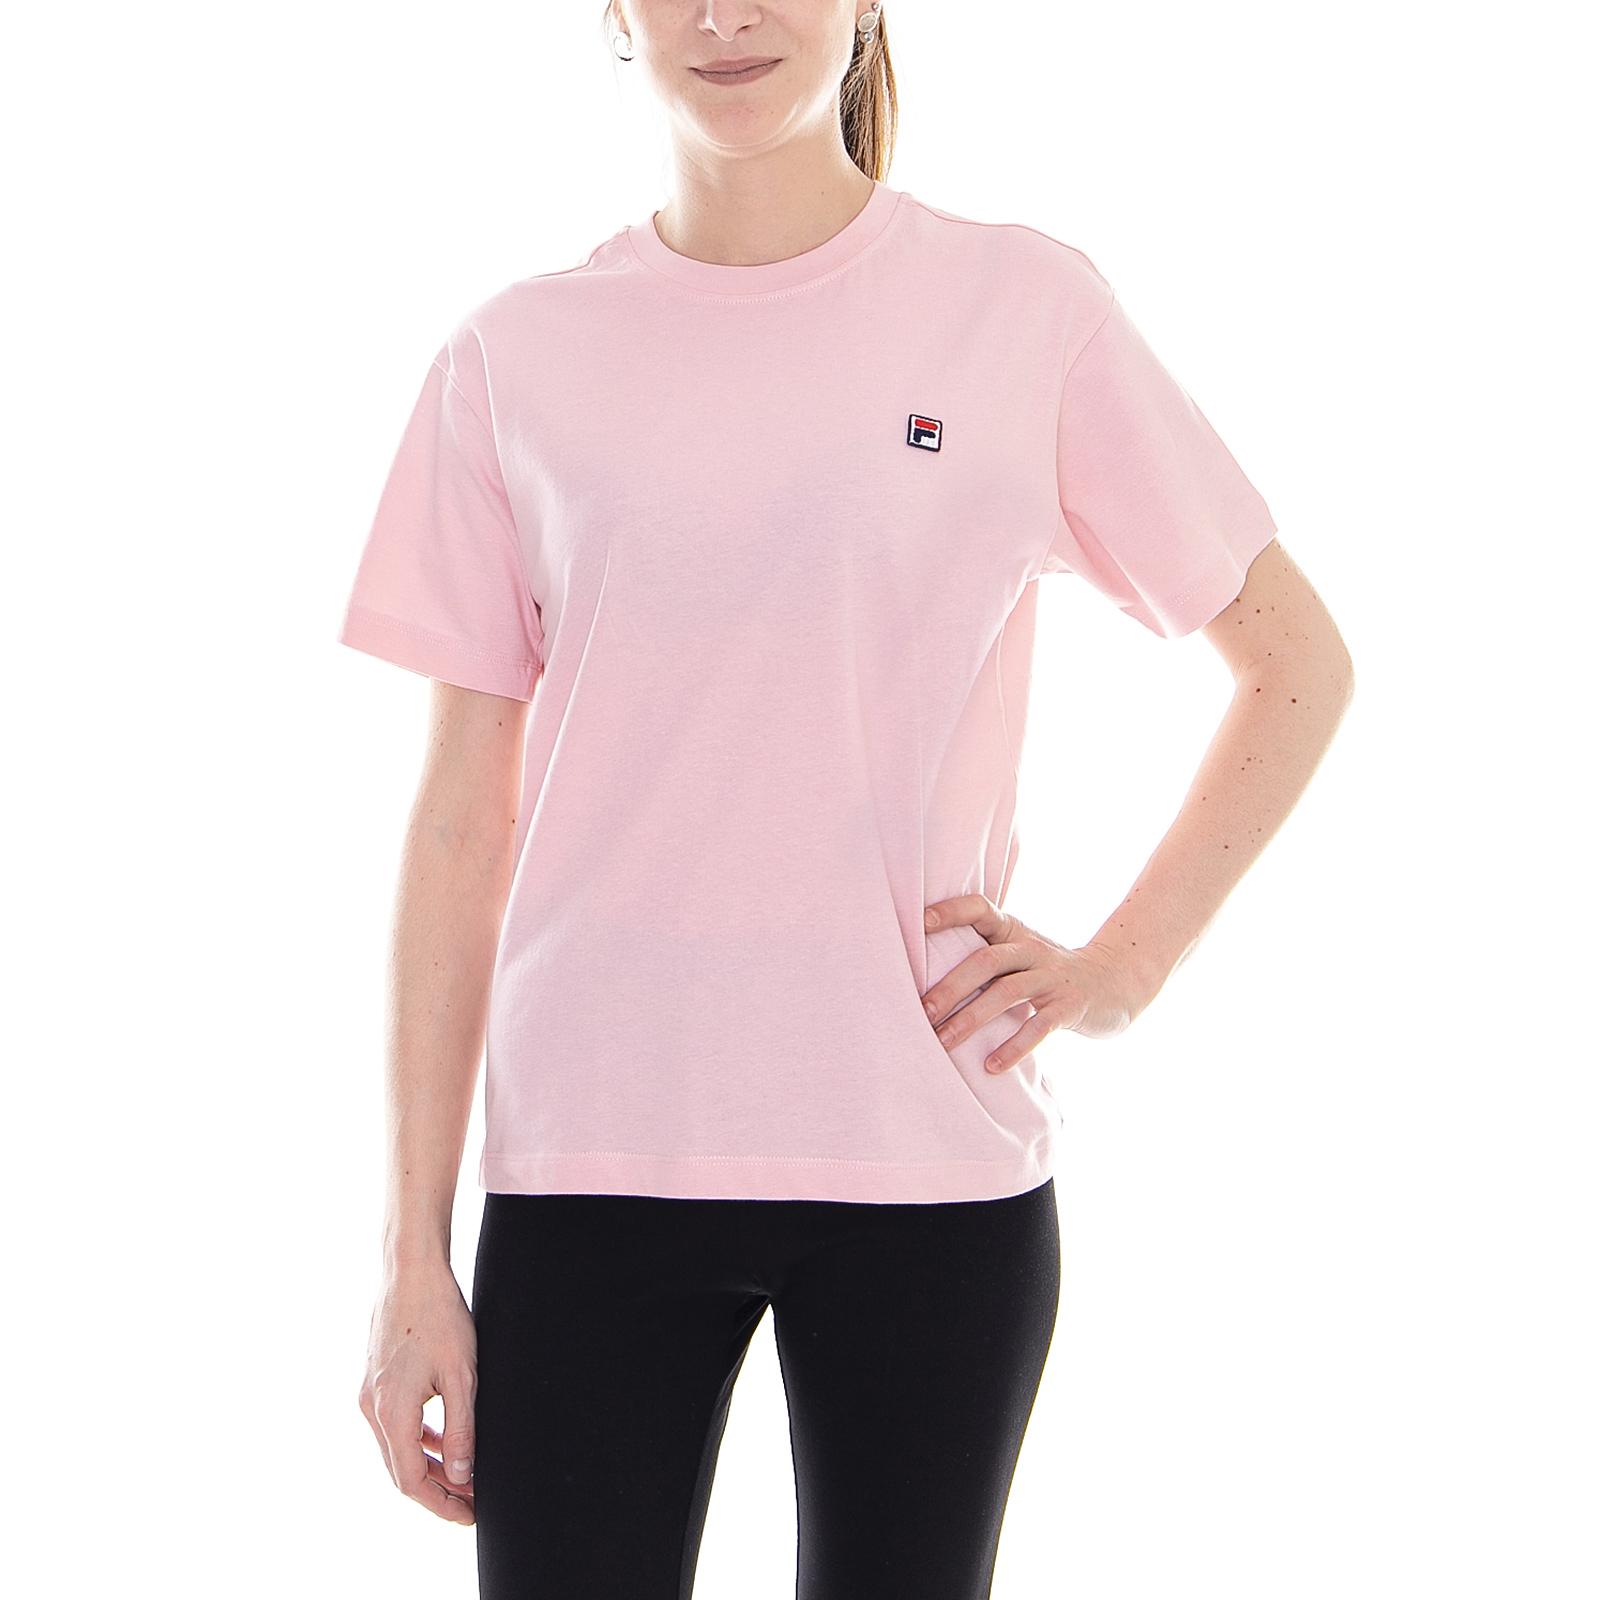 Details zu Fila T-Shirt Frauen NOVA beschnitten tee SS Koralle Blush rosa